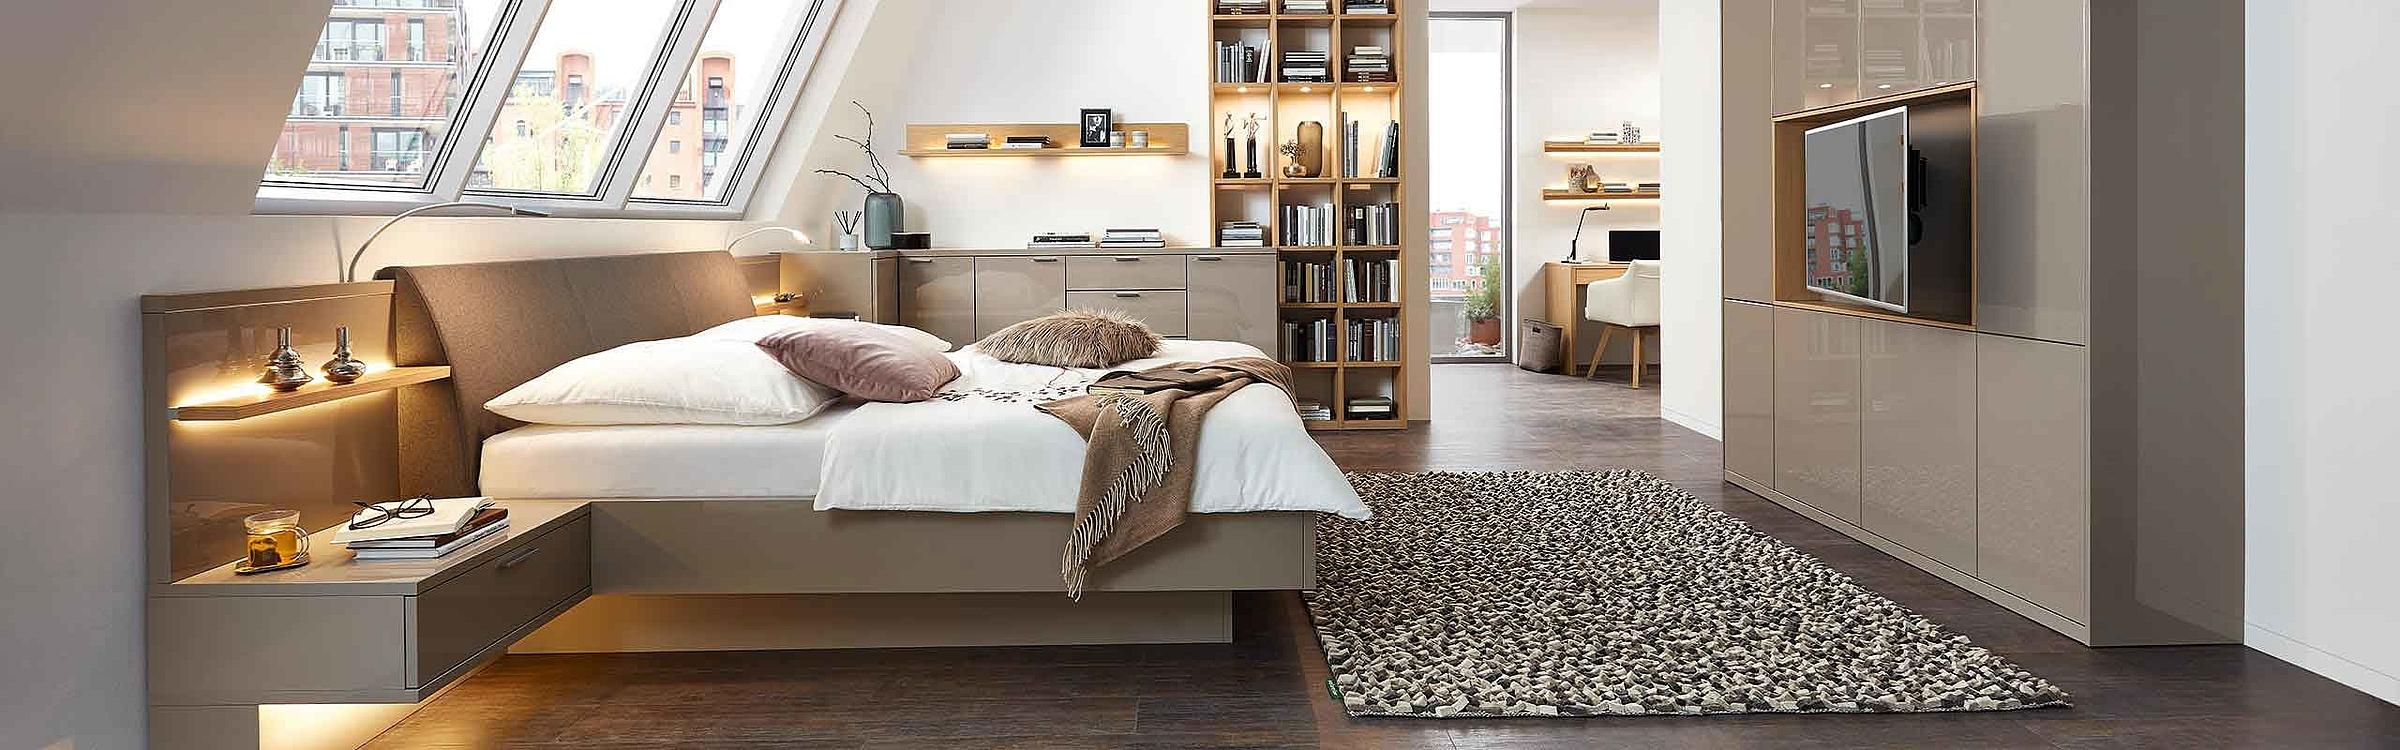 Bett Schlafzimmer Siena